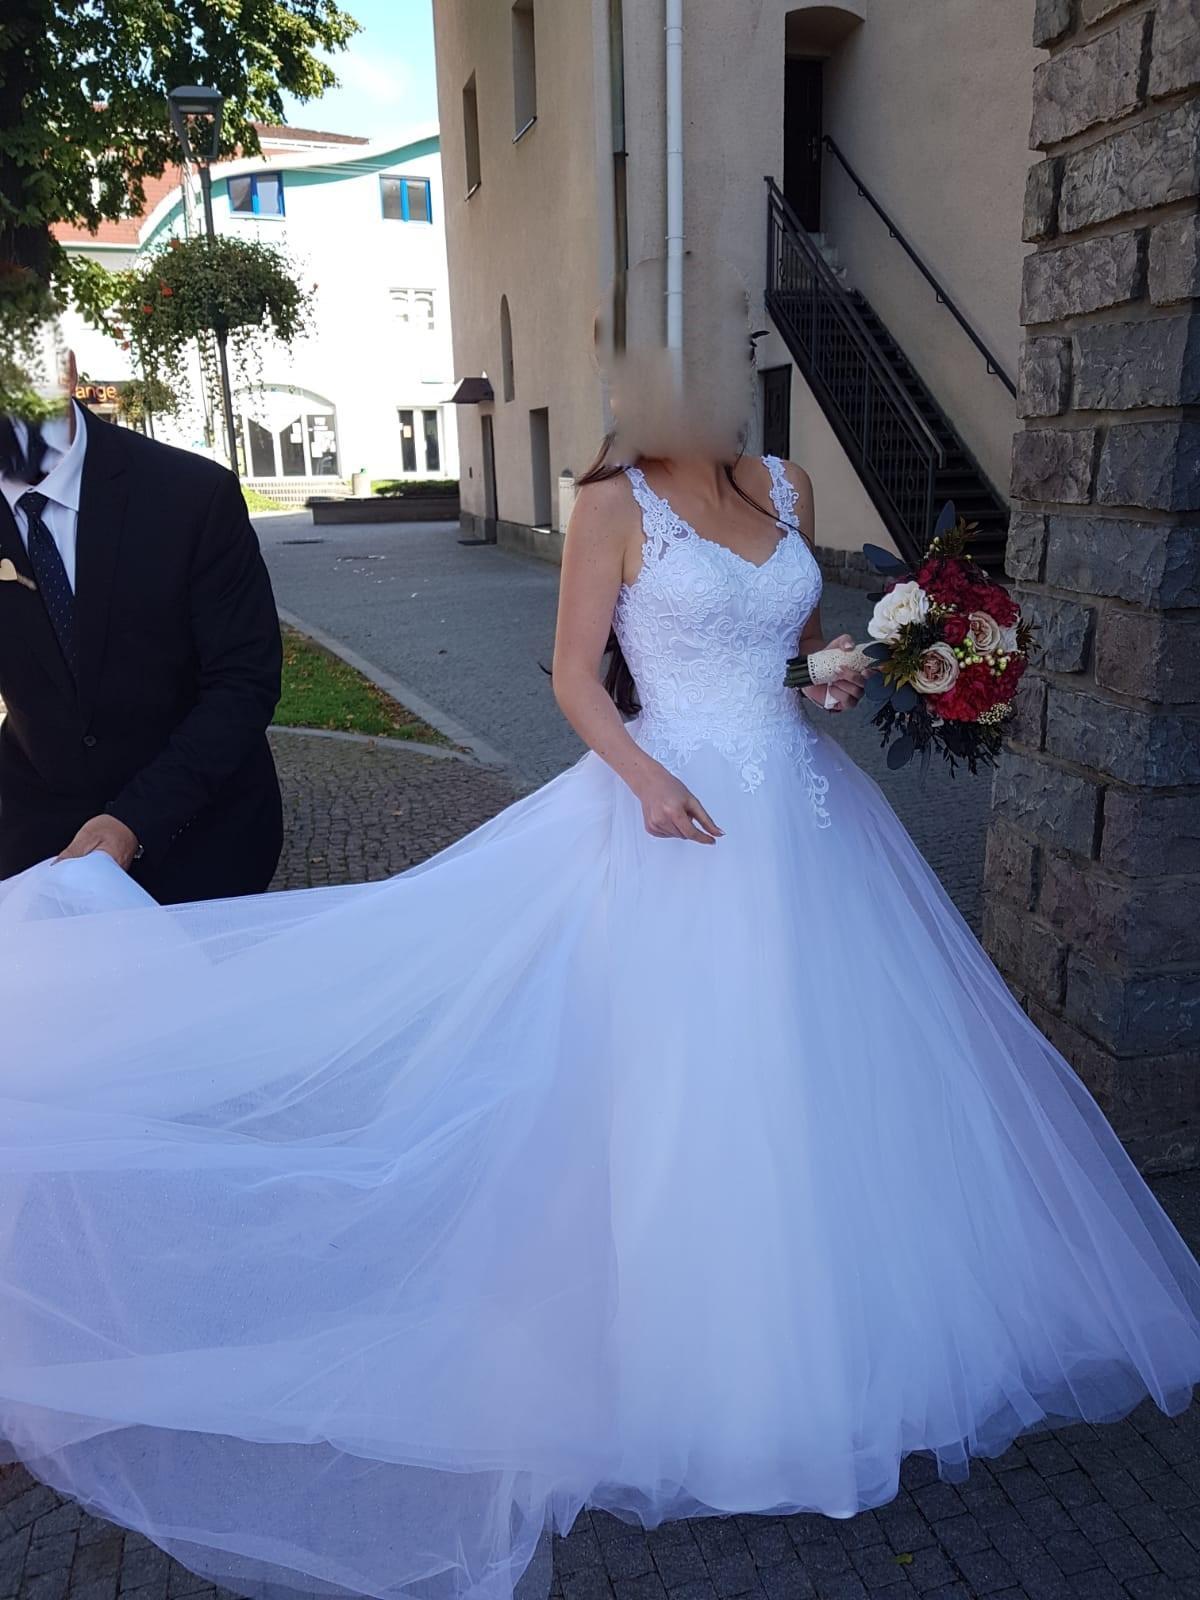 svatební šaty vel. 34-36 - Obrázek č. 1